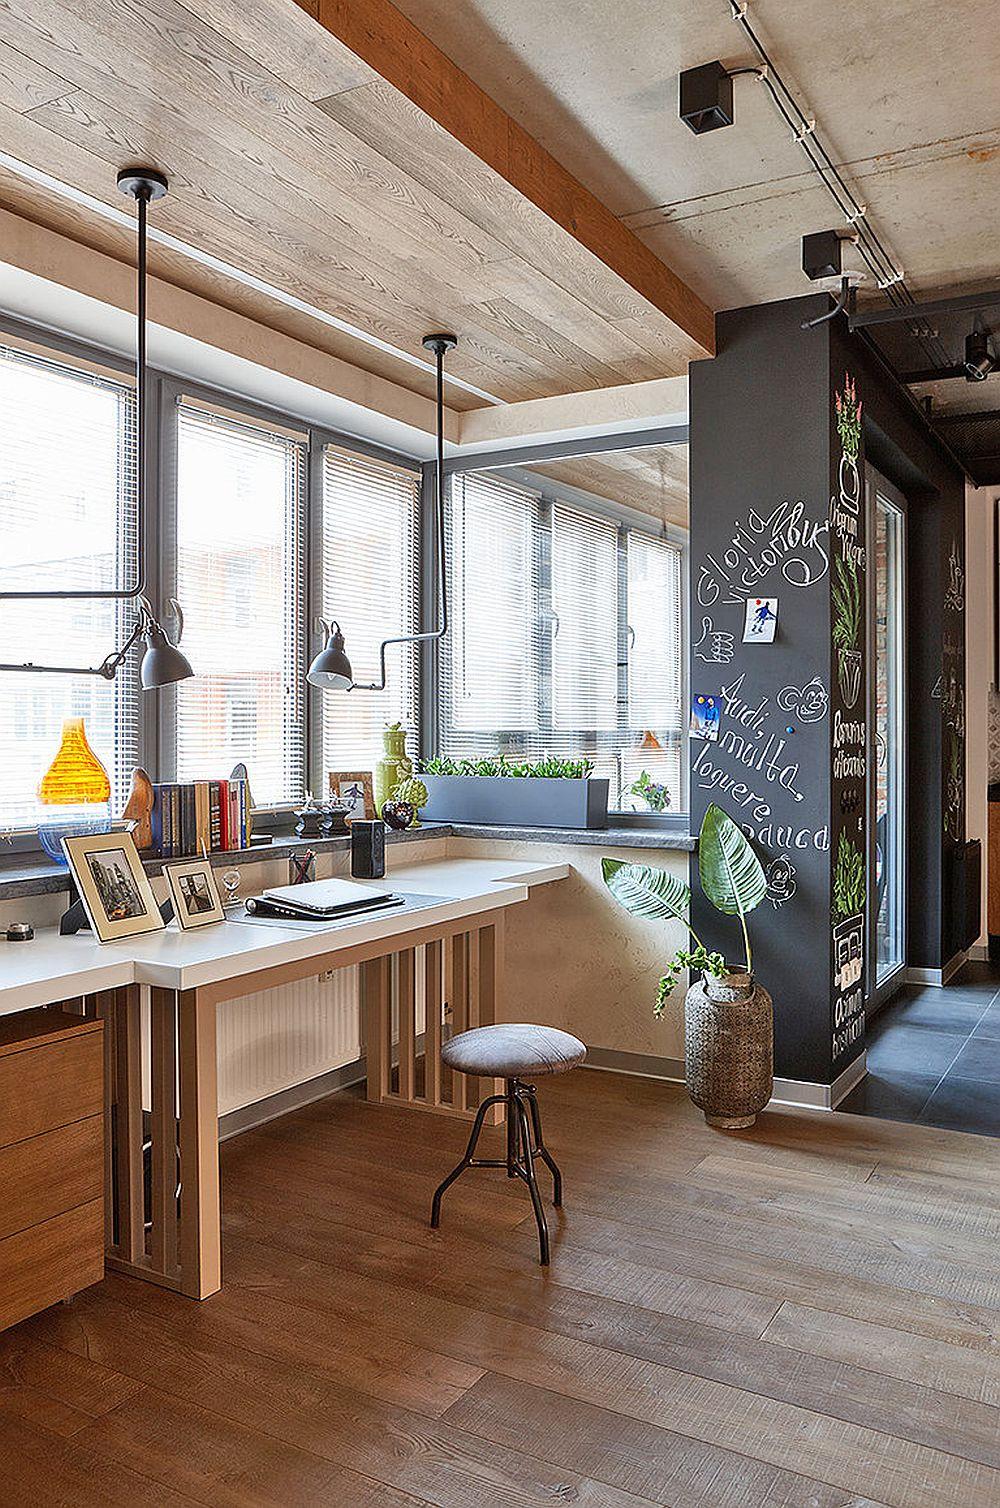 Masa de birou este puțin mai înaltă pentru că sub ea se afla caloriferul. Parapetul ferestrei a devenit zonă de depozitare, iar iluminatul se face într-un mod mai interesant cu două suspensii reglabile din ambele părți.